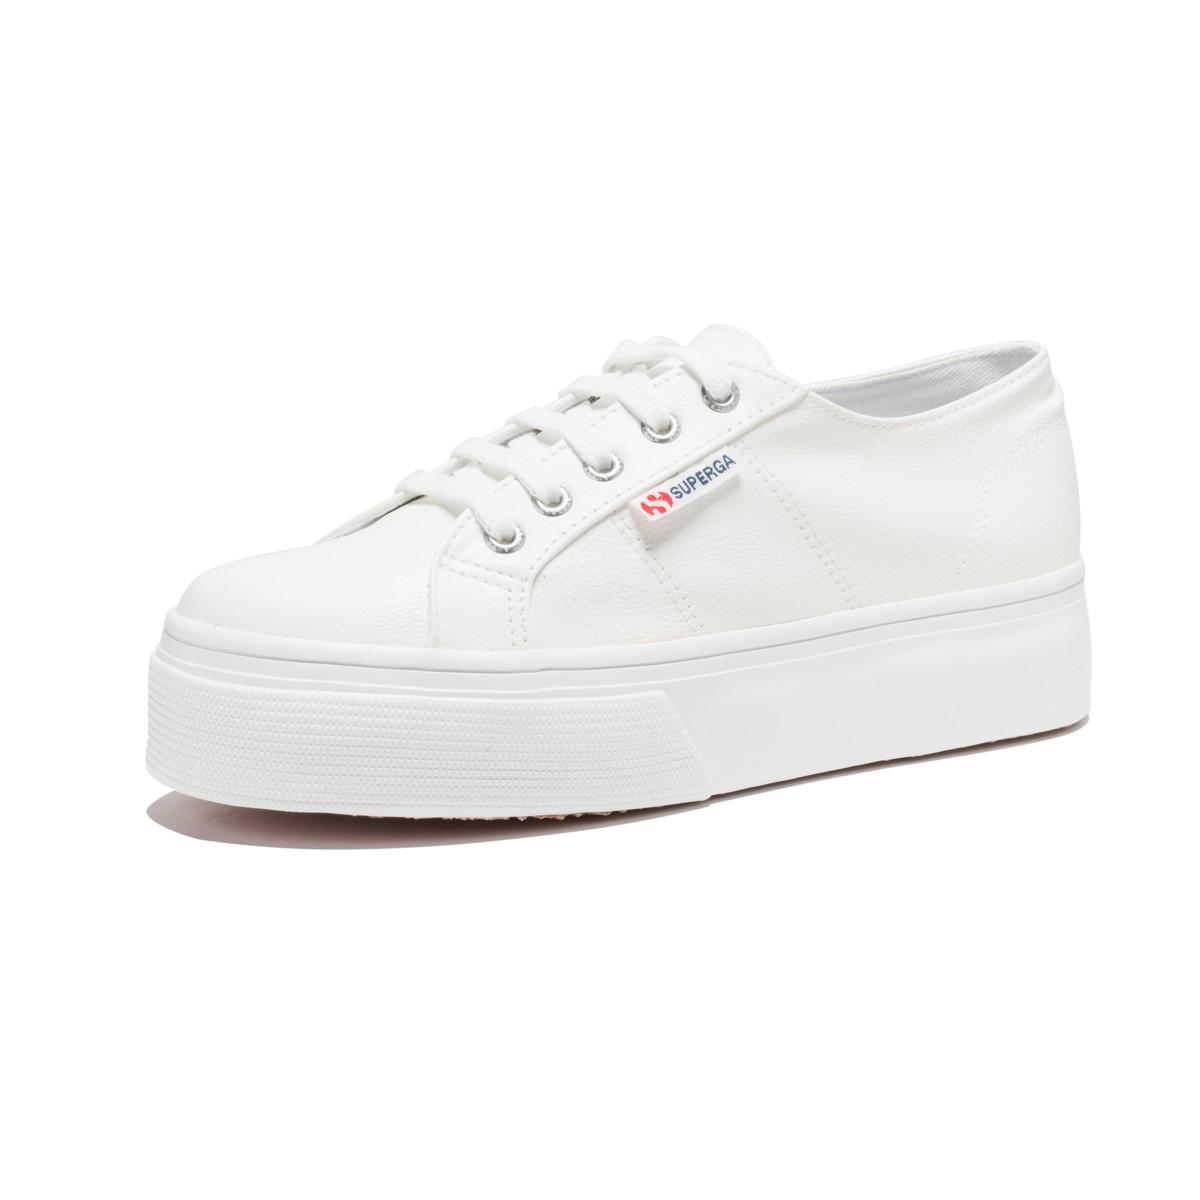 2790 FGLU WHITE